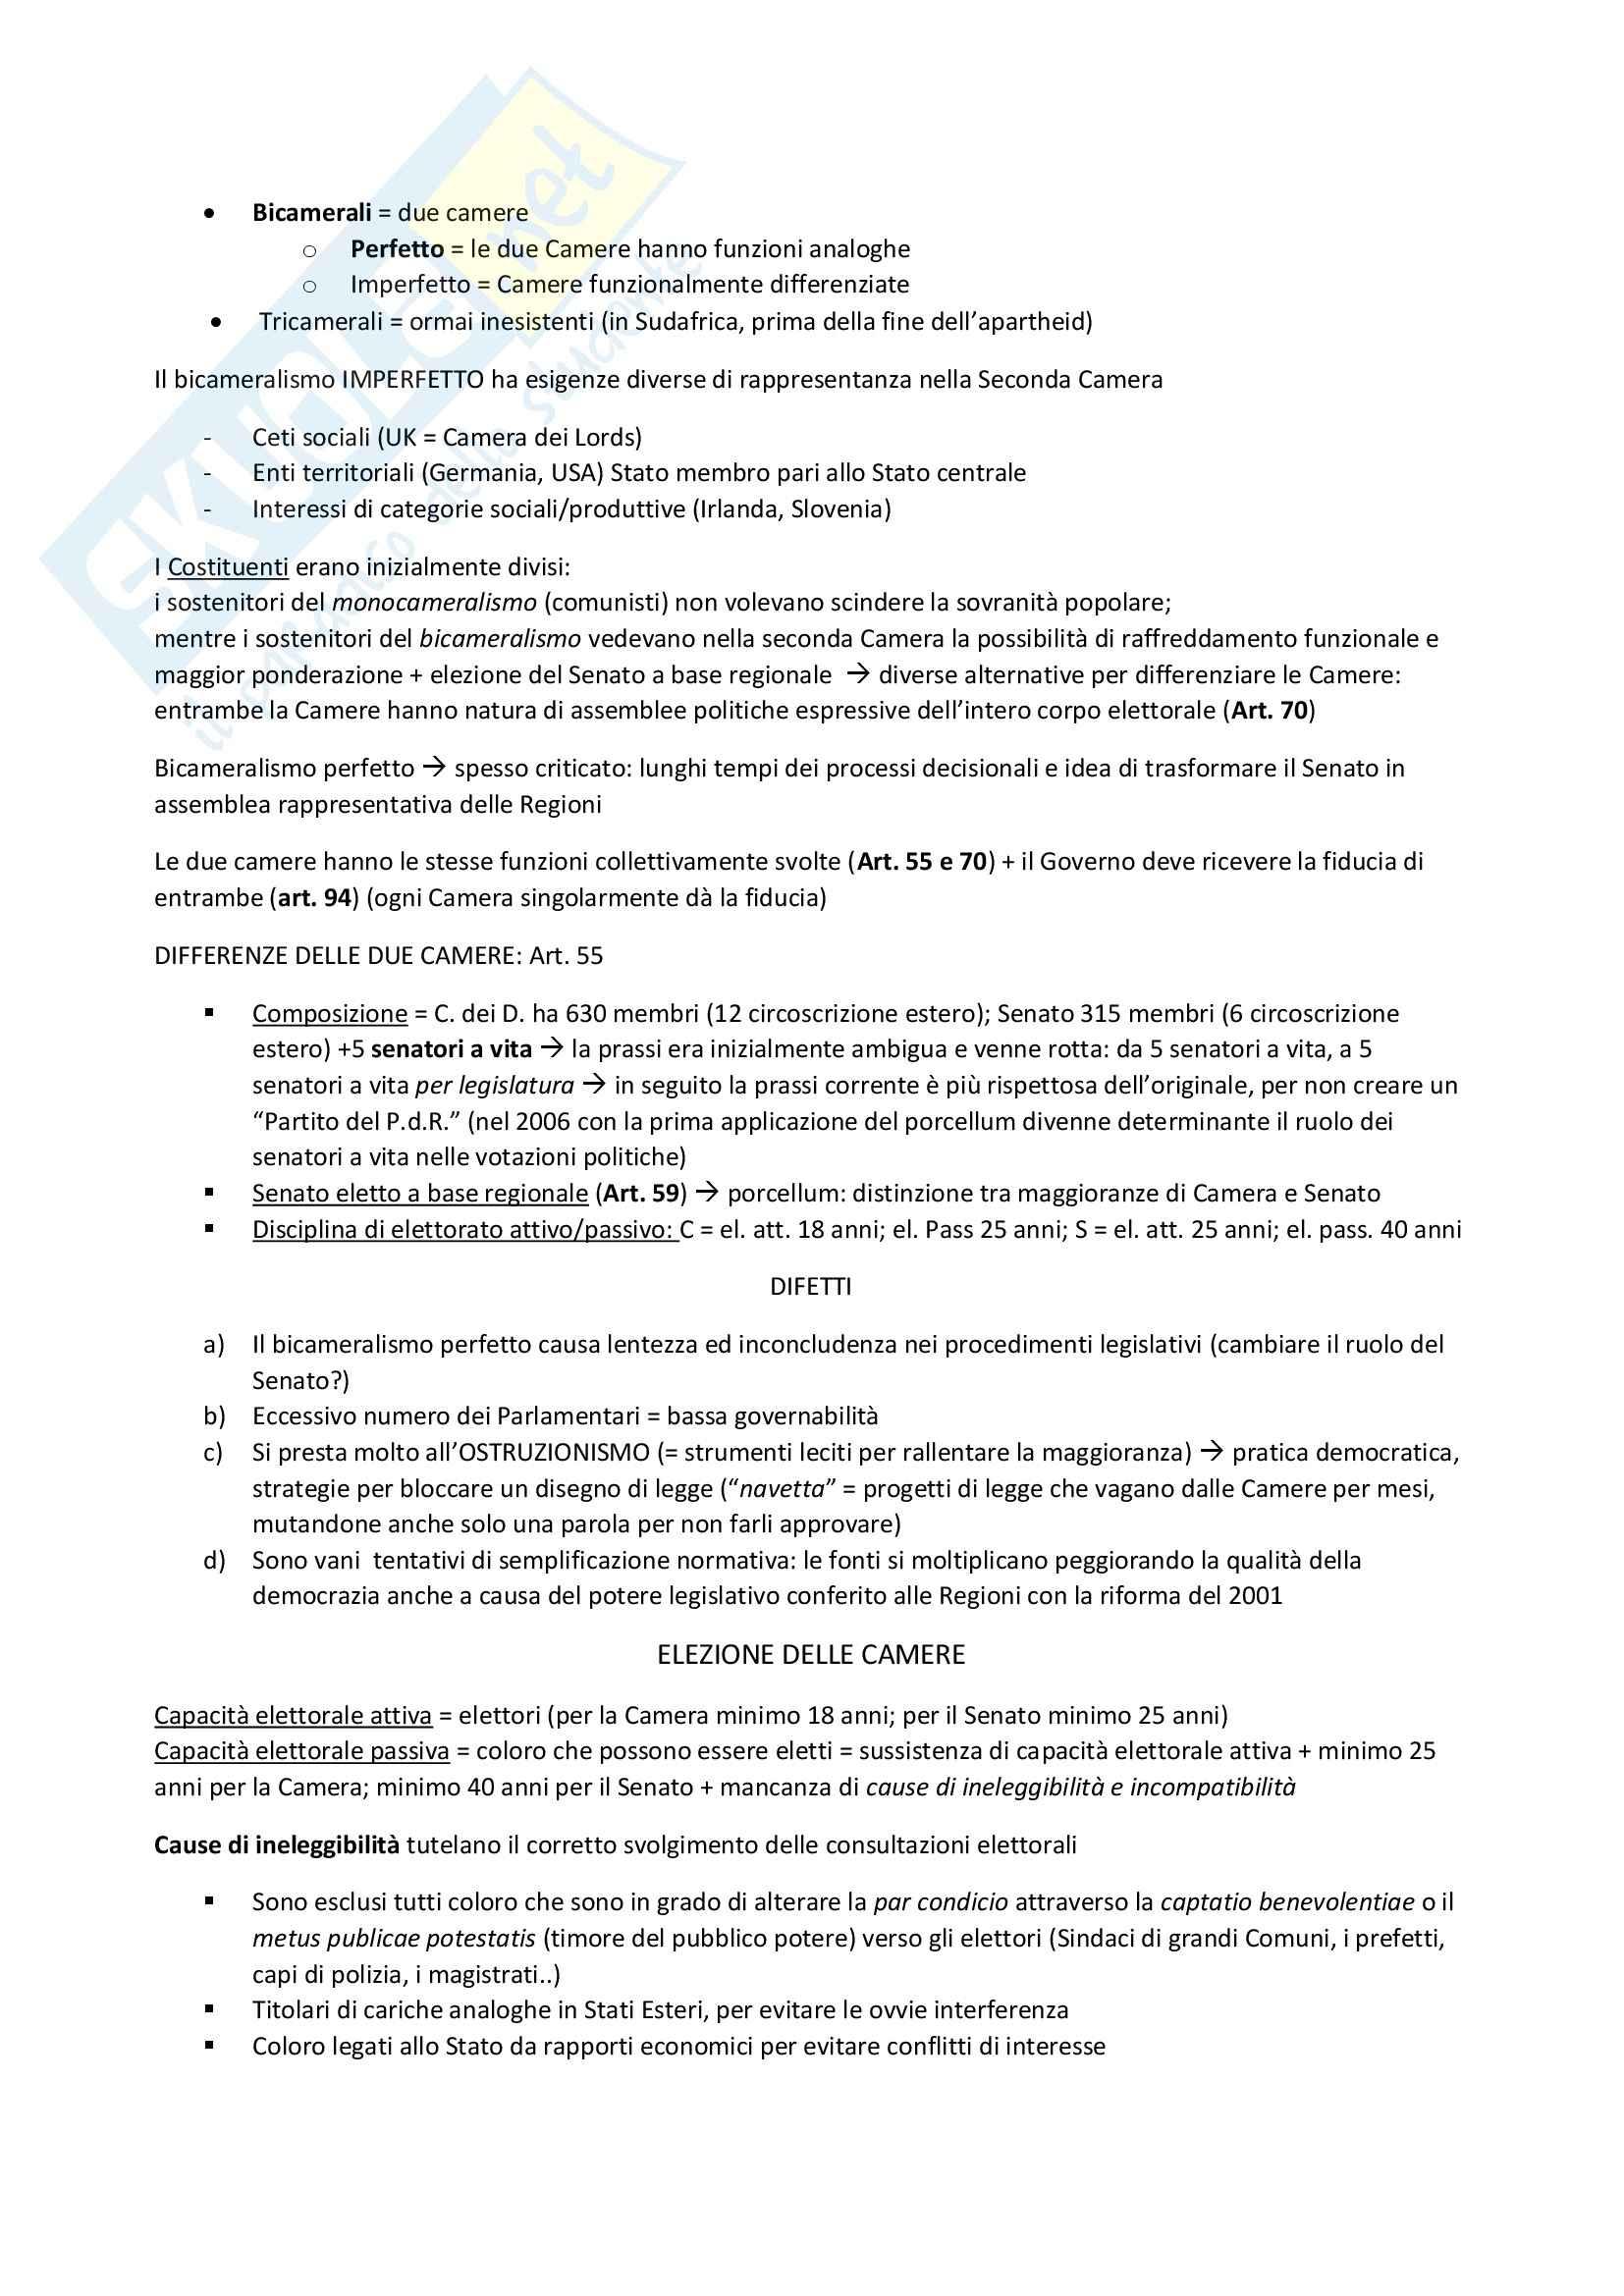 Riassunto esame Diritto Costituzionale, prof. D'Amico Pag. 26